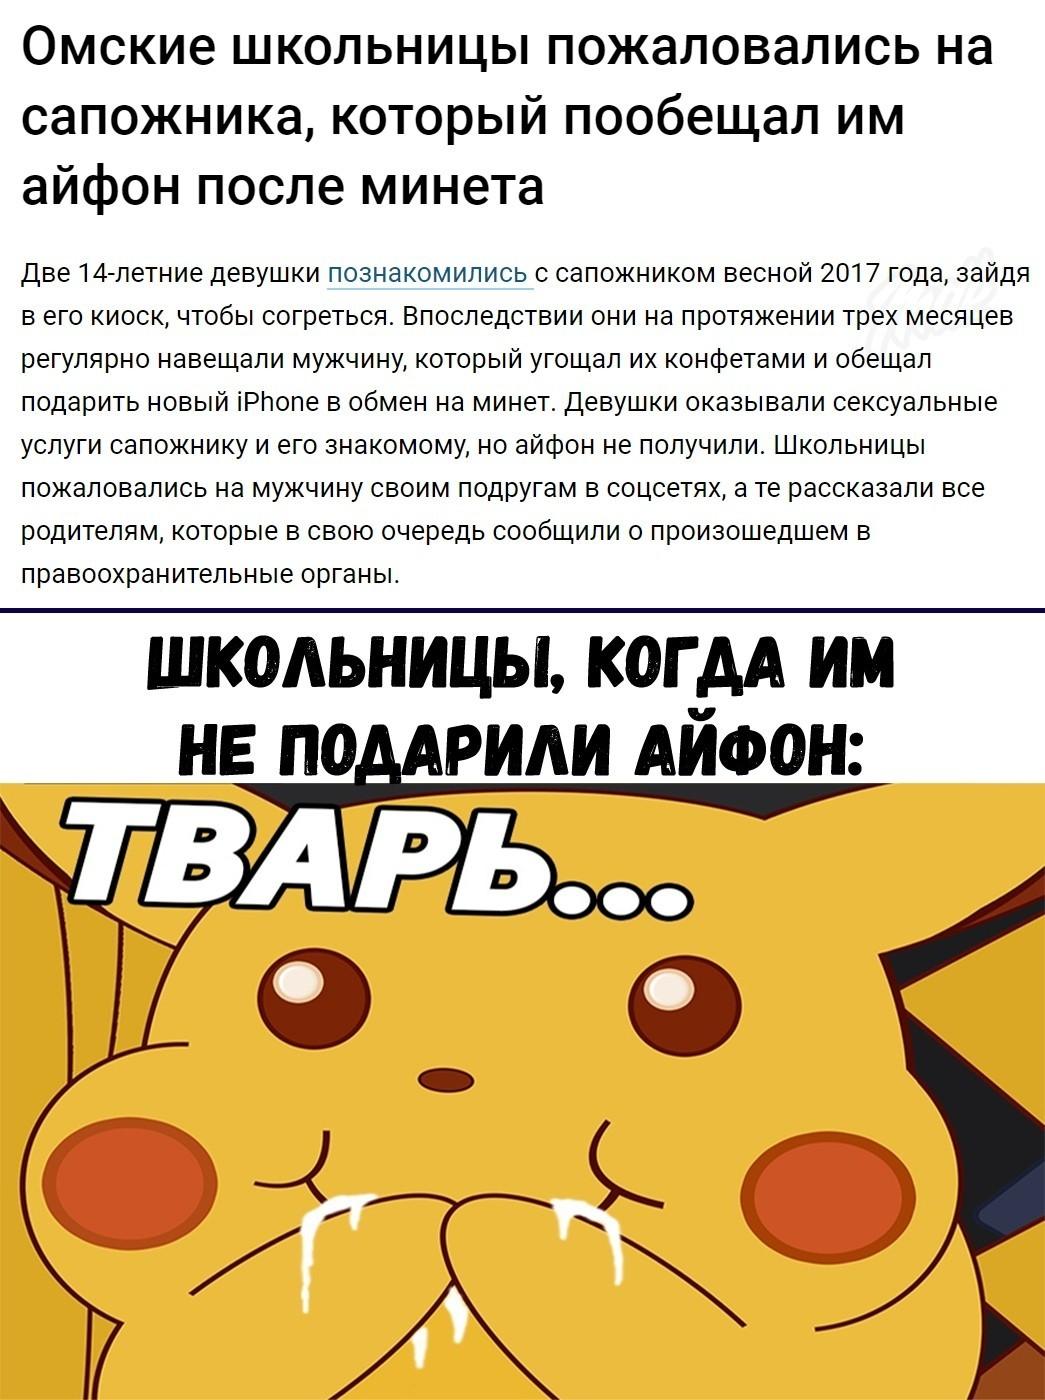 minet-za-ayfon-v-moskve